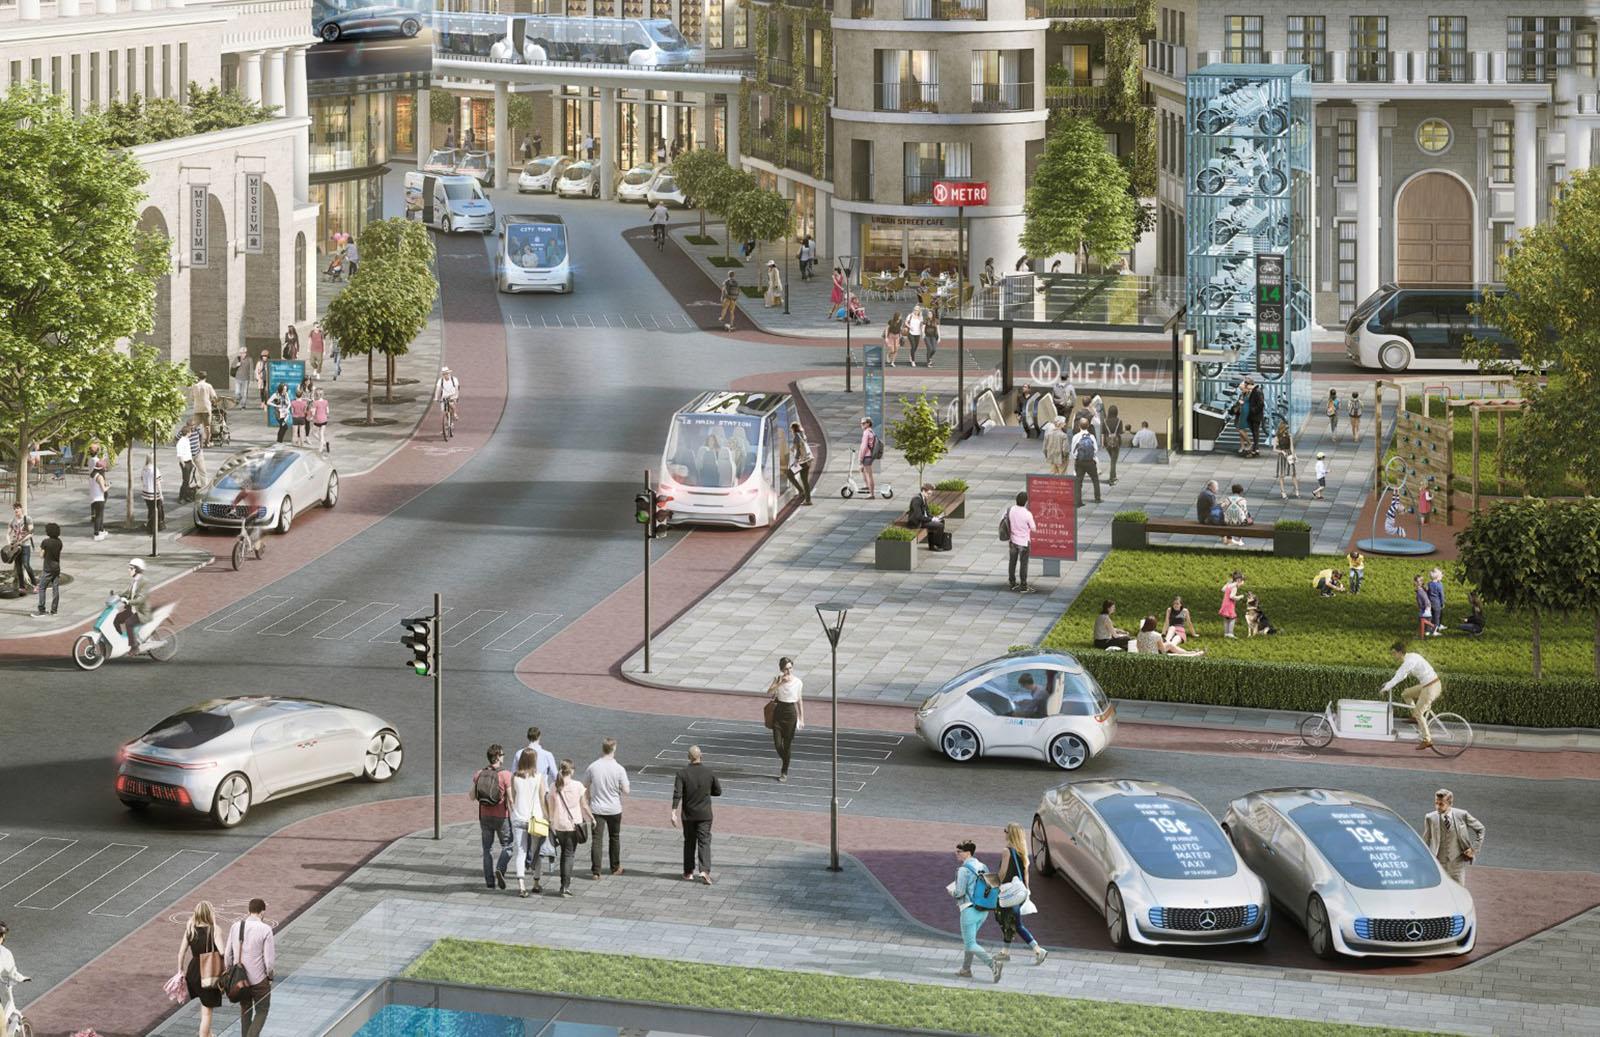 Daimler testet mit Bosch autonome Taxis in den nächsten Monaten